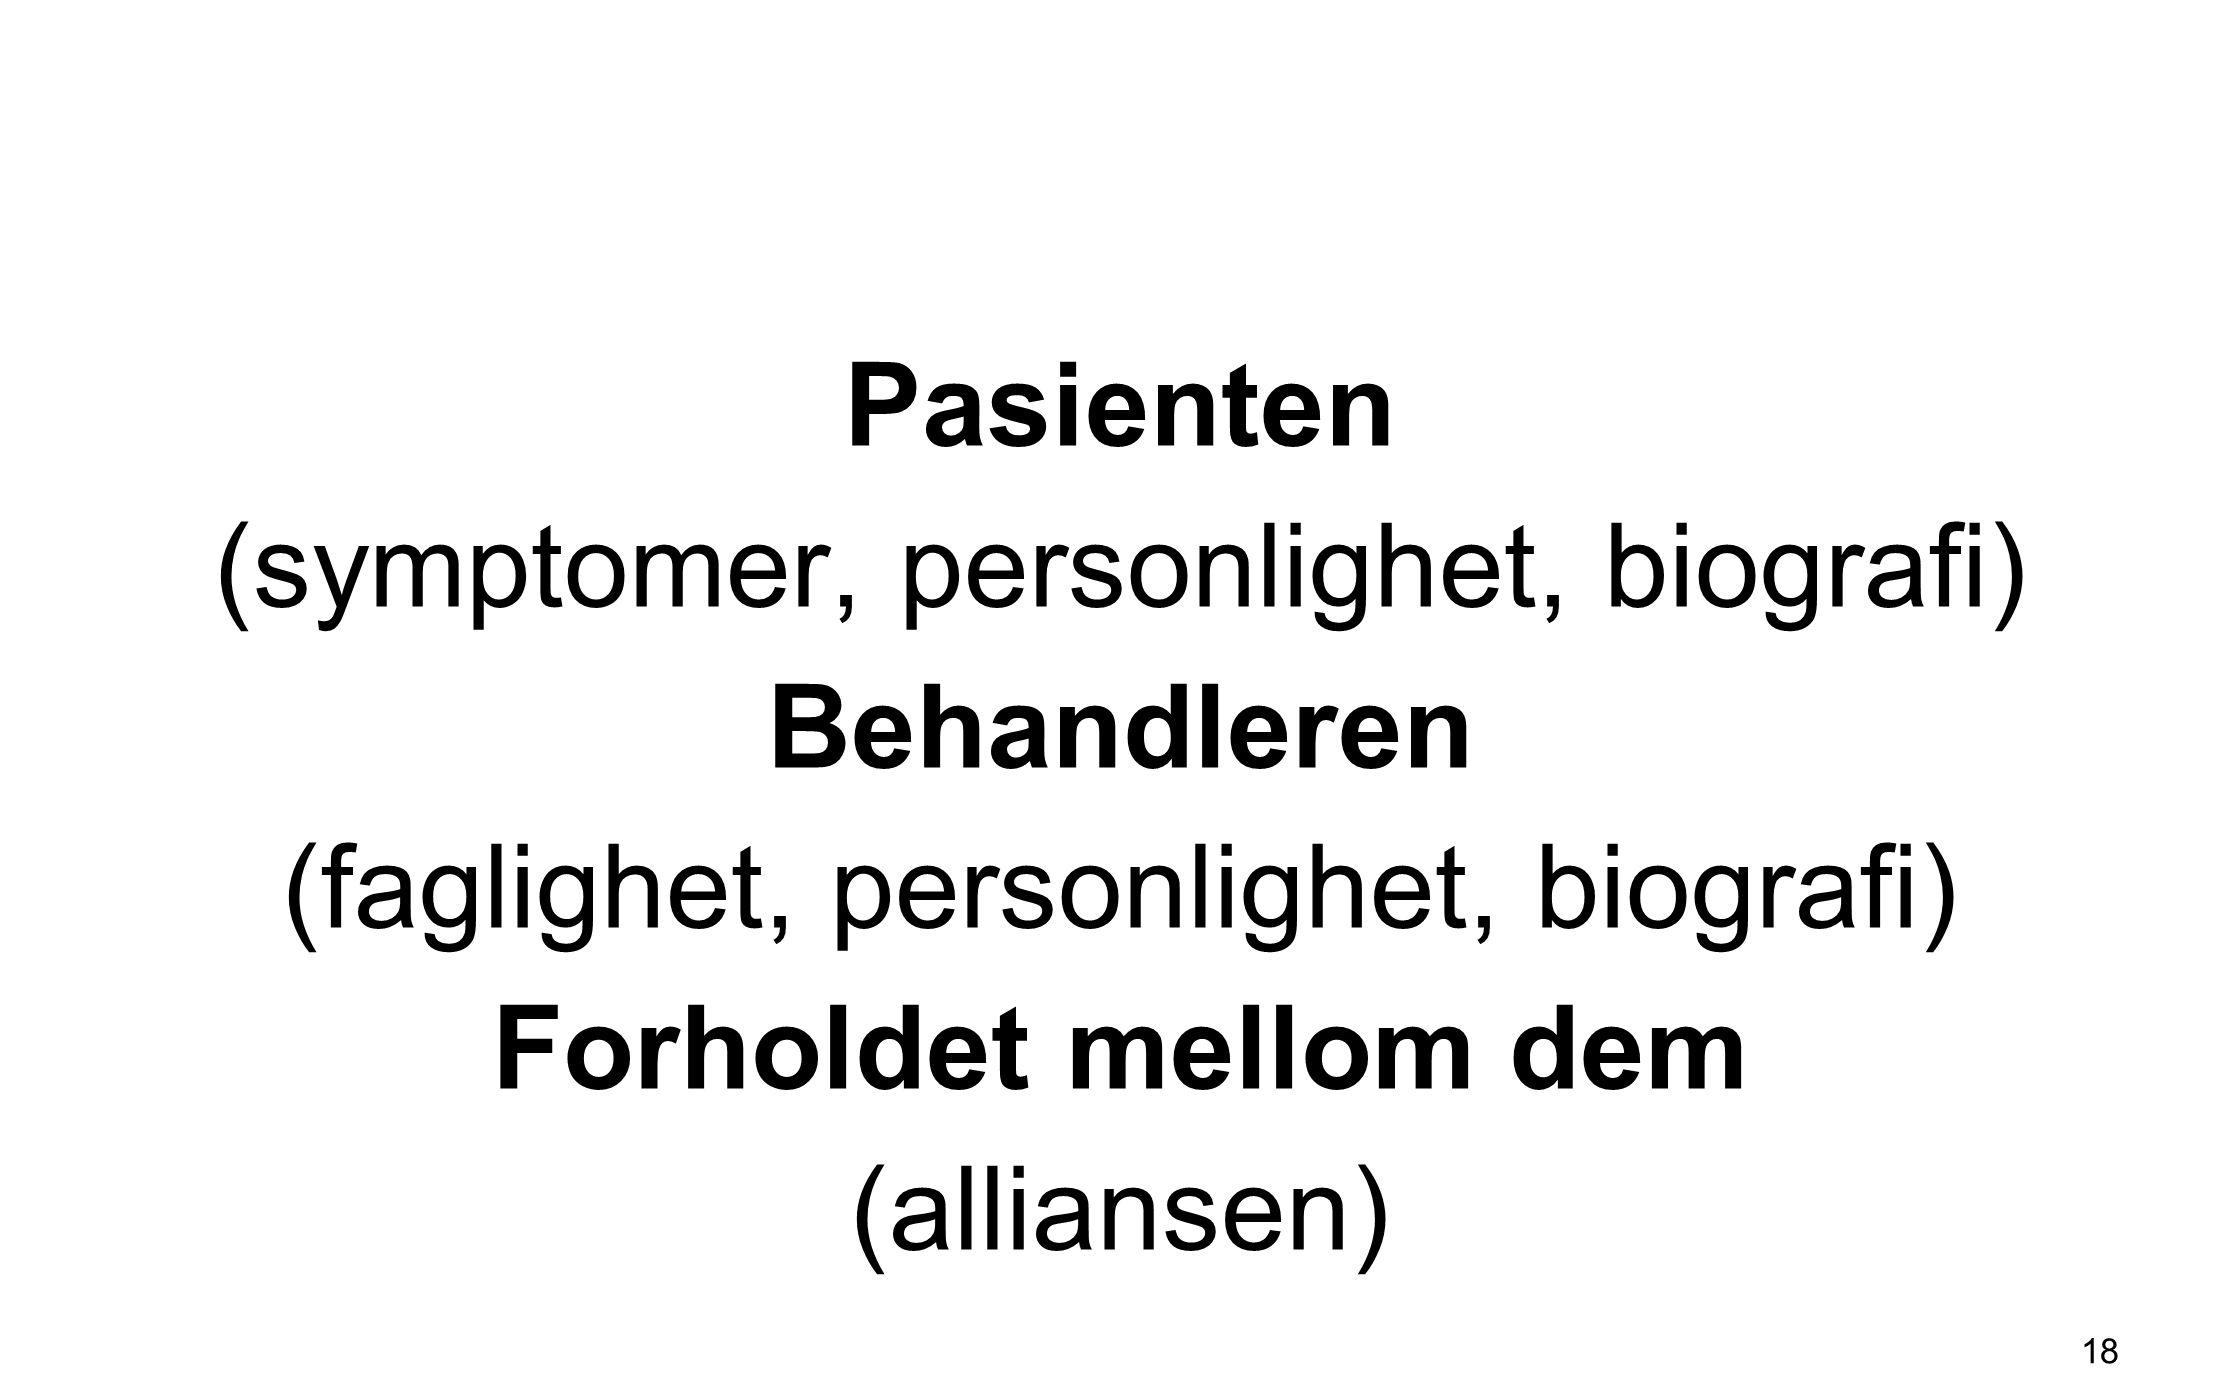 Pasienten (symptomer, personlighet, biografi) Behandleren (faglighet, personlighet, biografi) Forholdet mellom dem (alliansen)